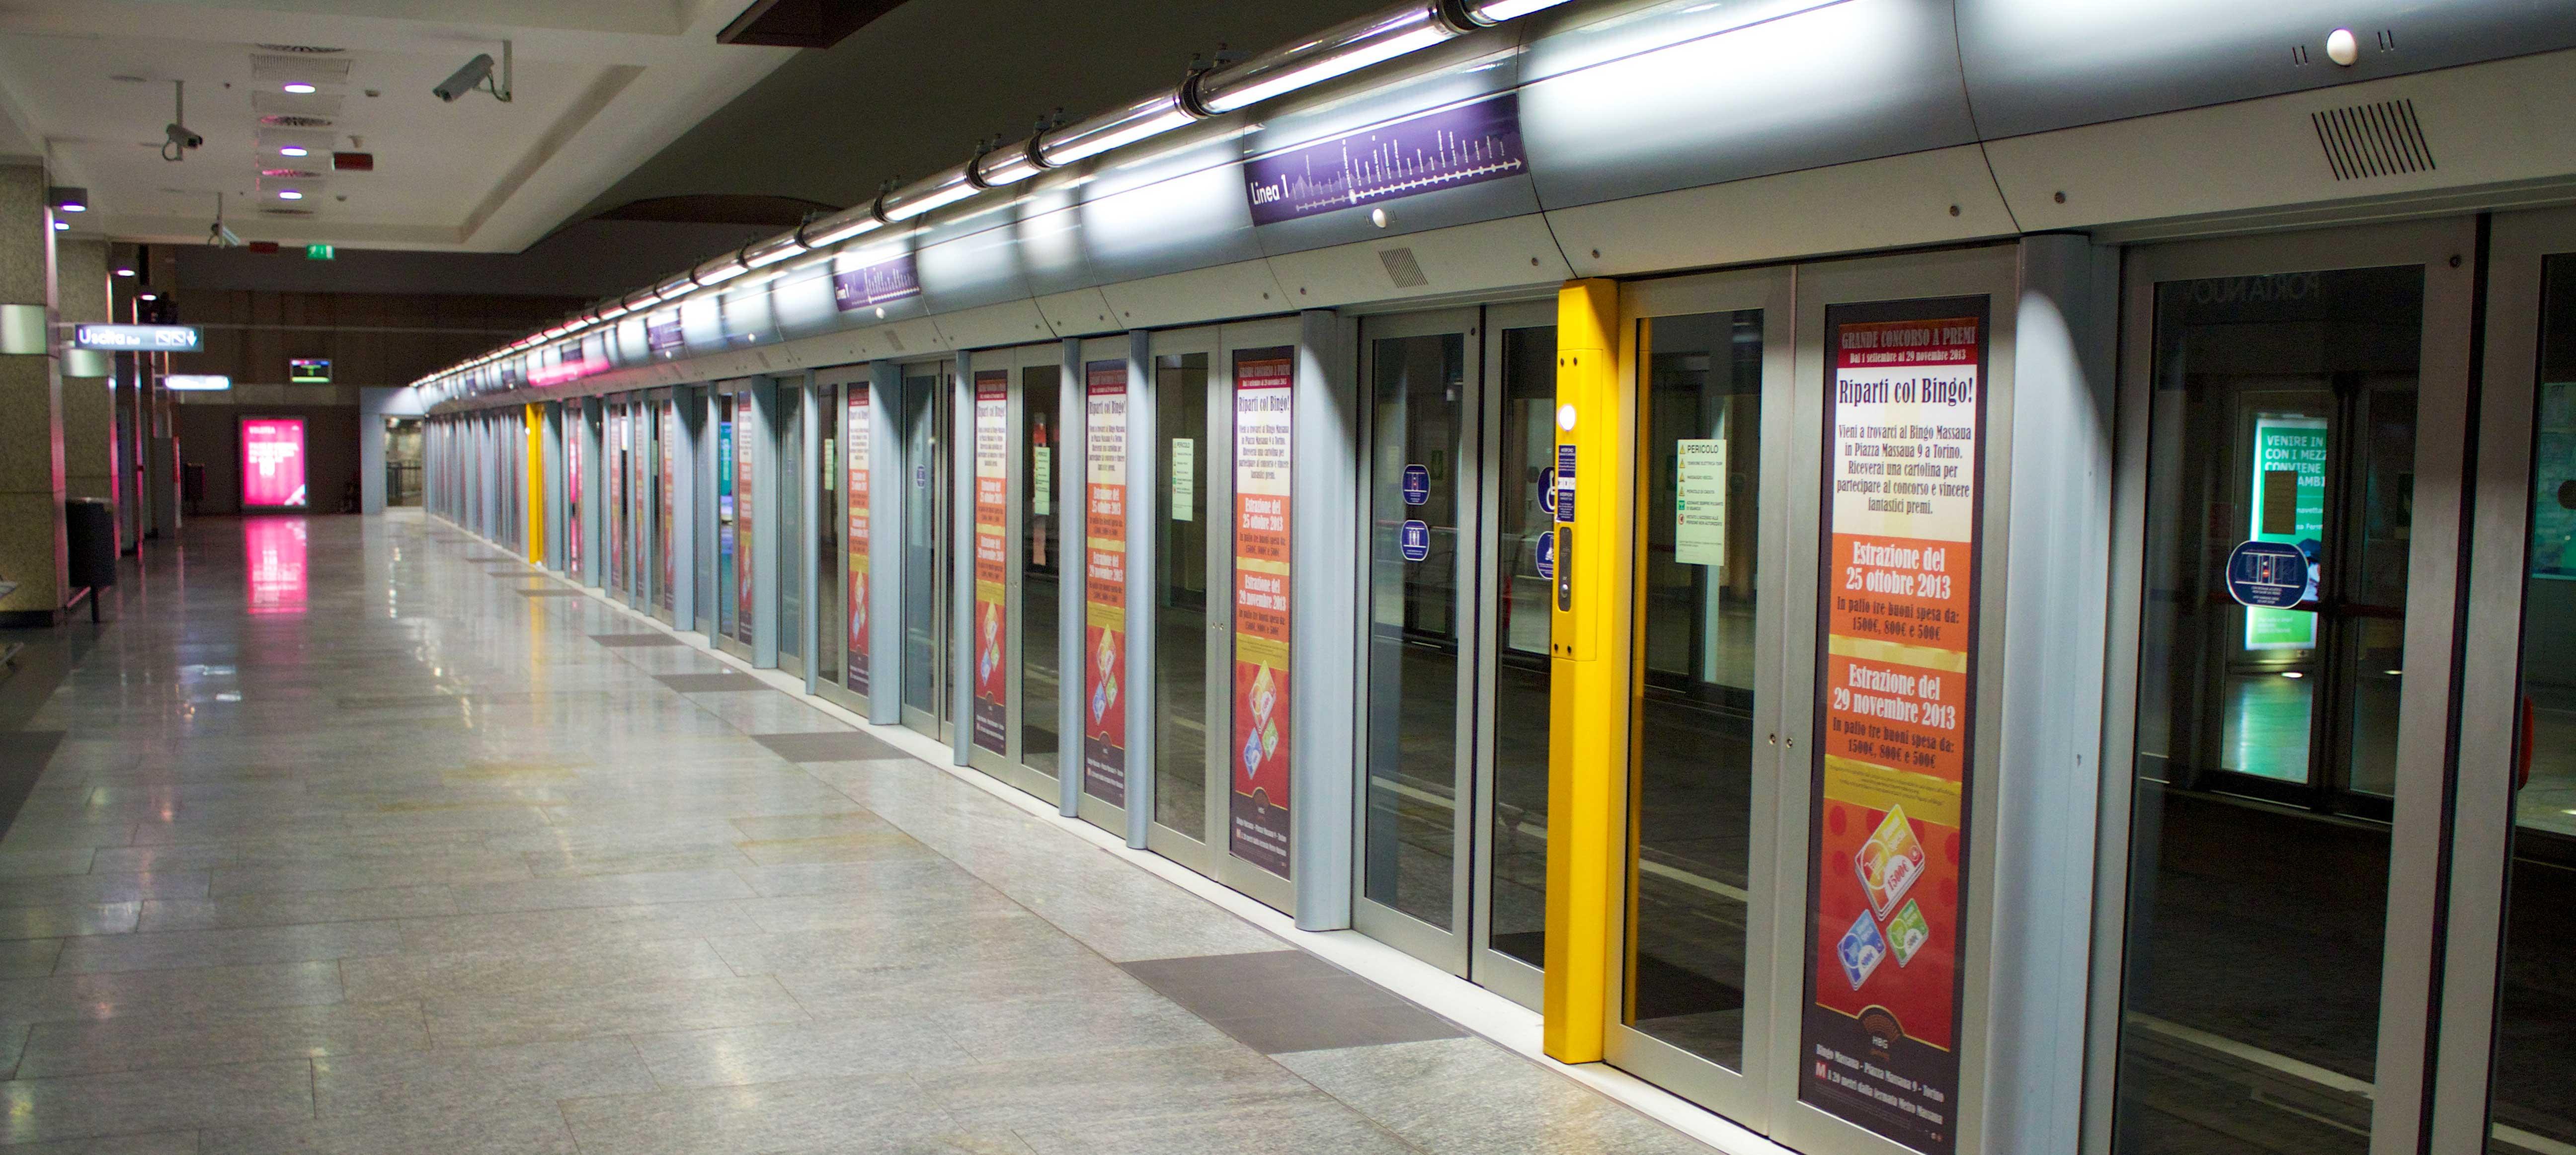 immagine-articolo-metro